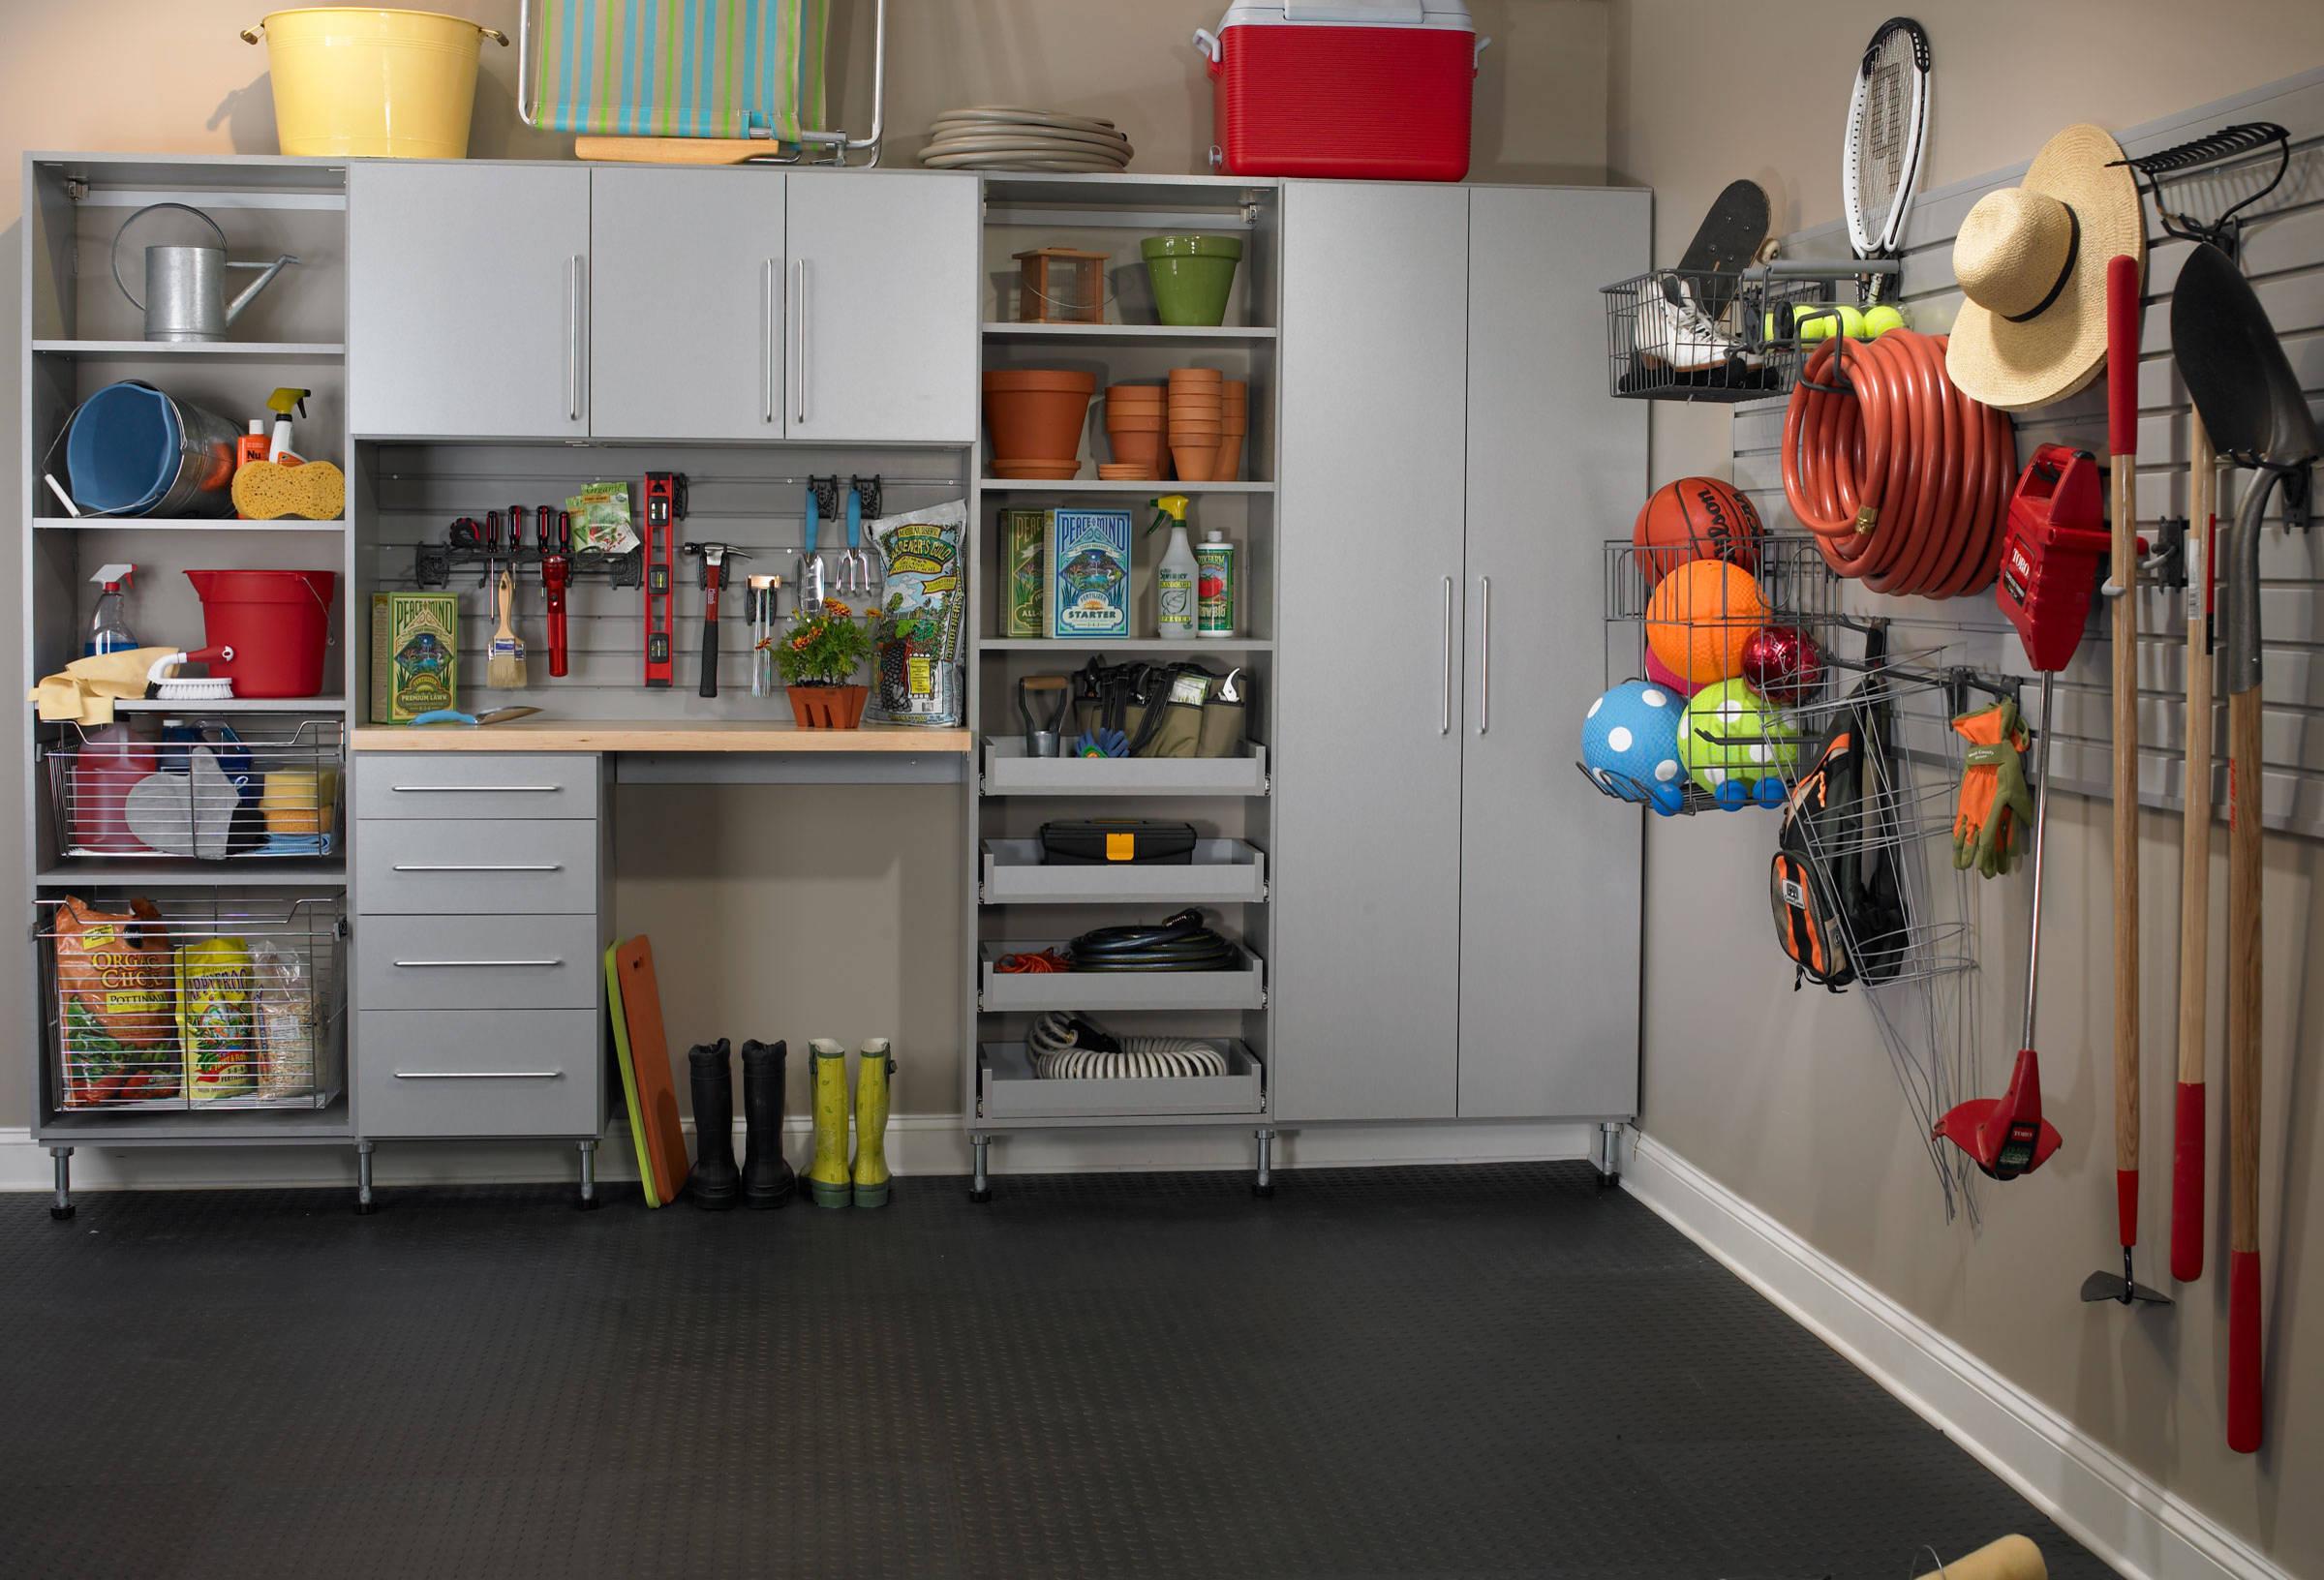 Организация пространства в жилом доме